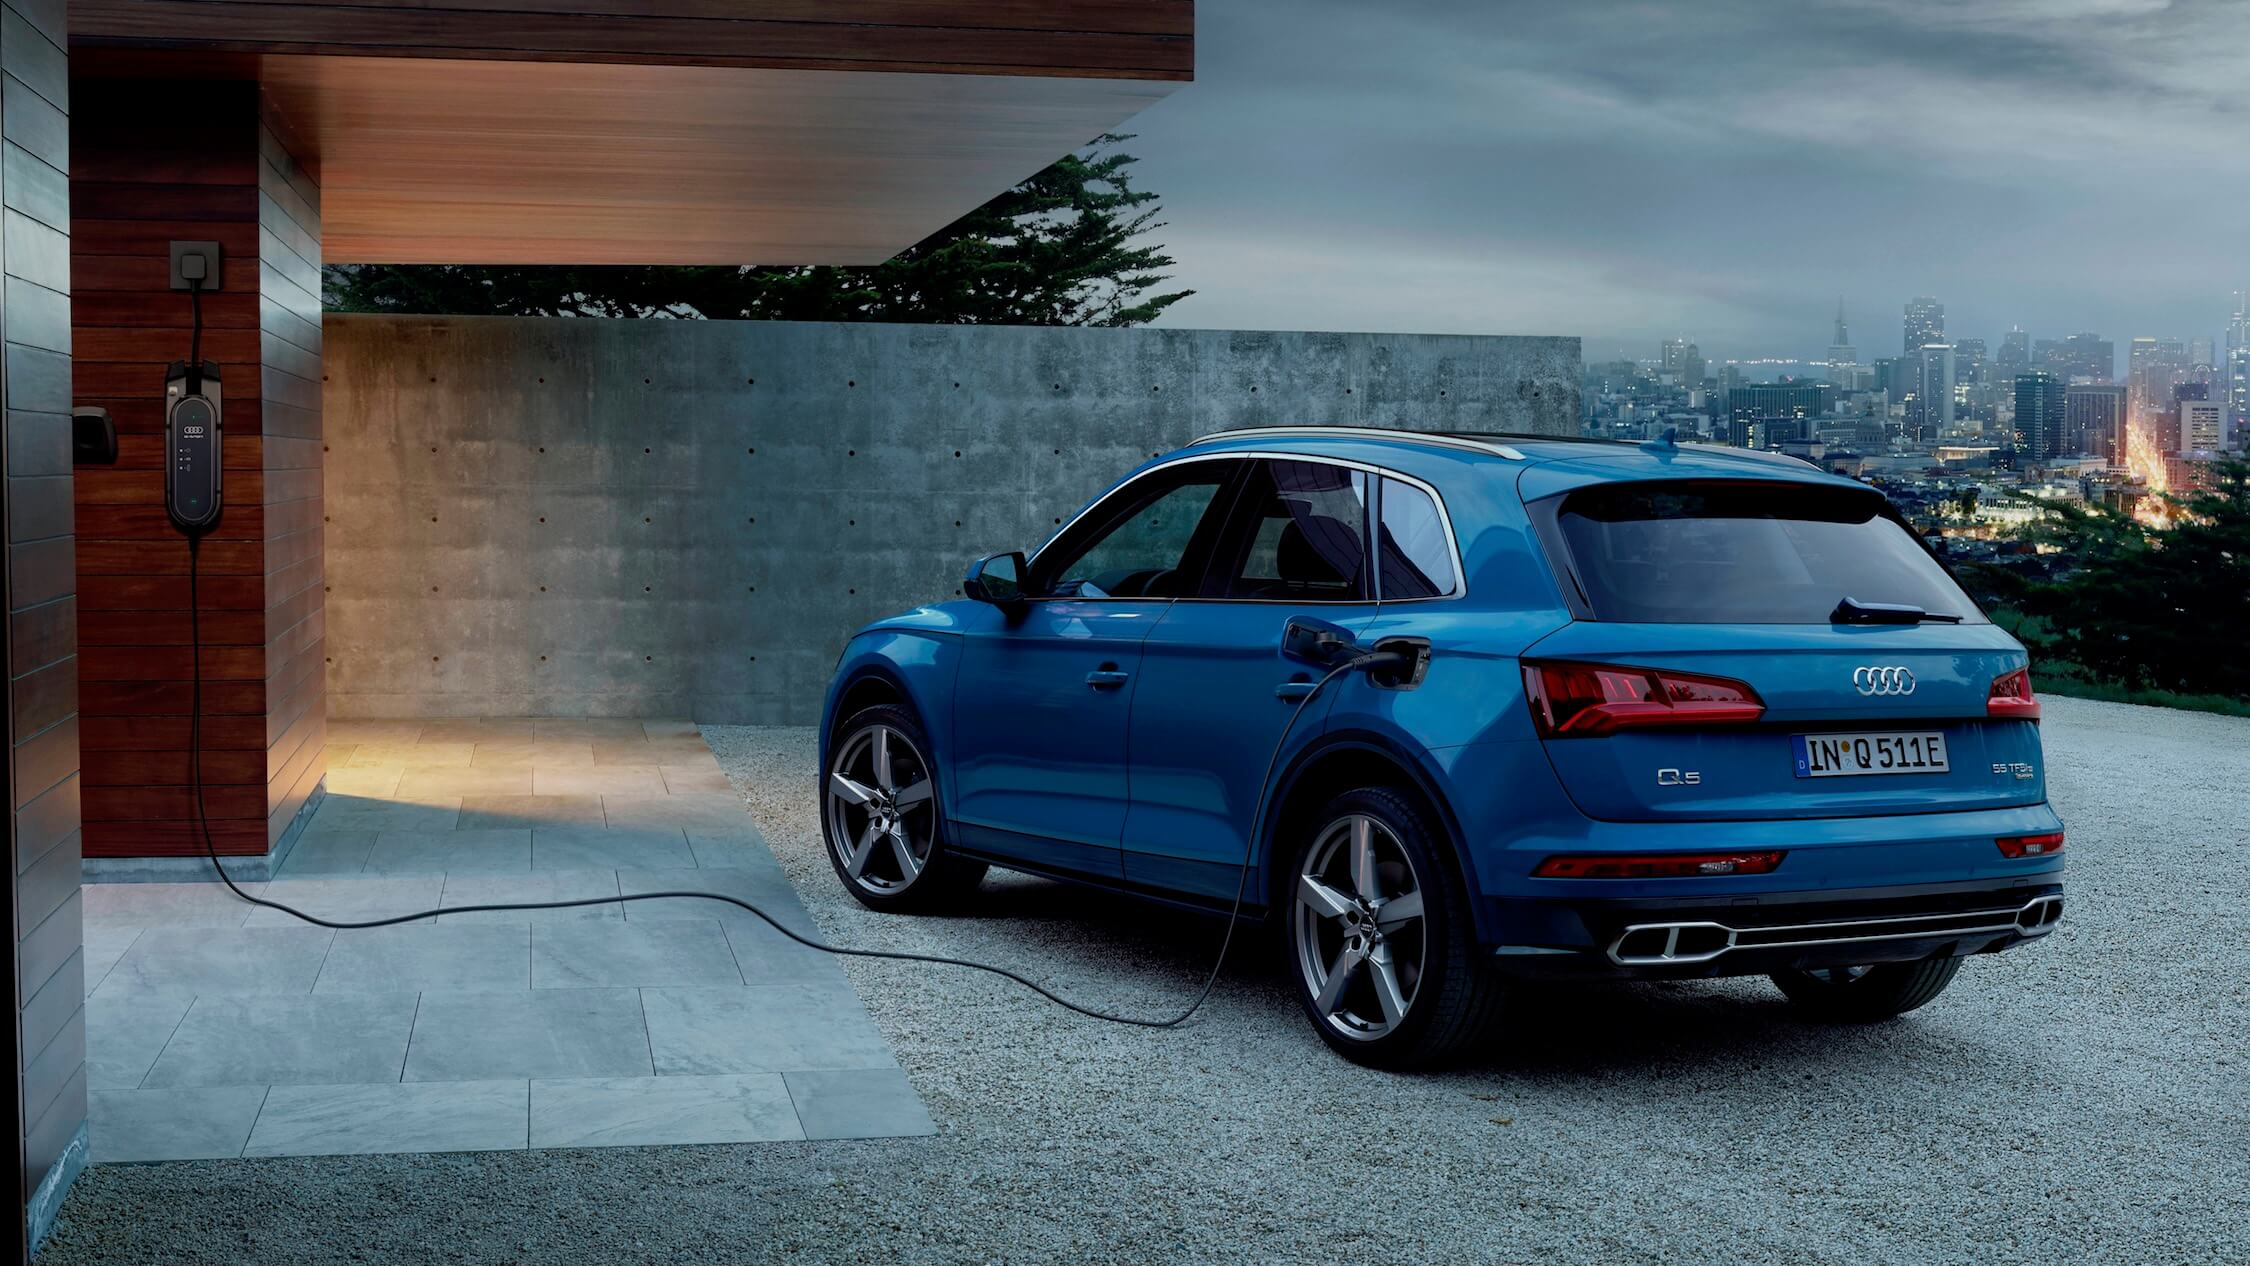 Audi Q5 híbrido carregar